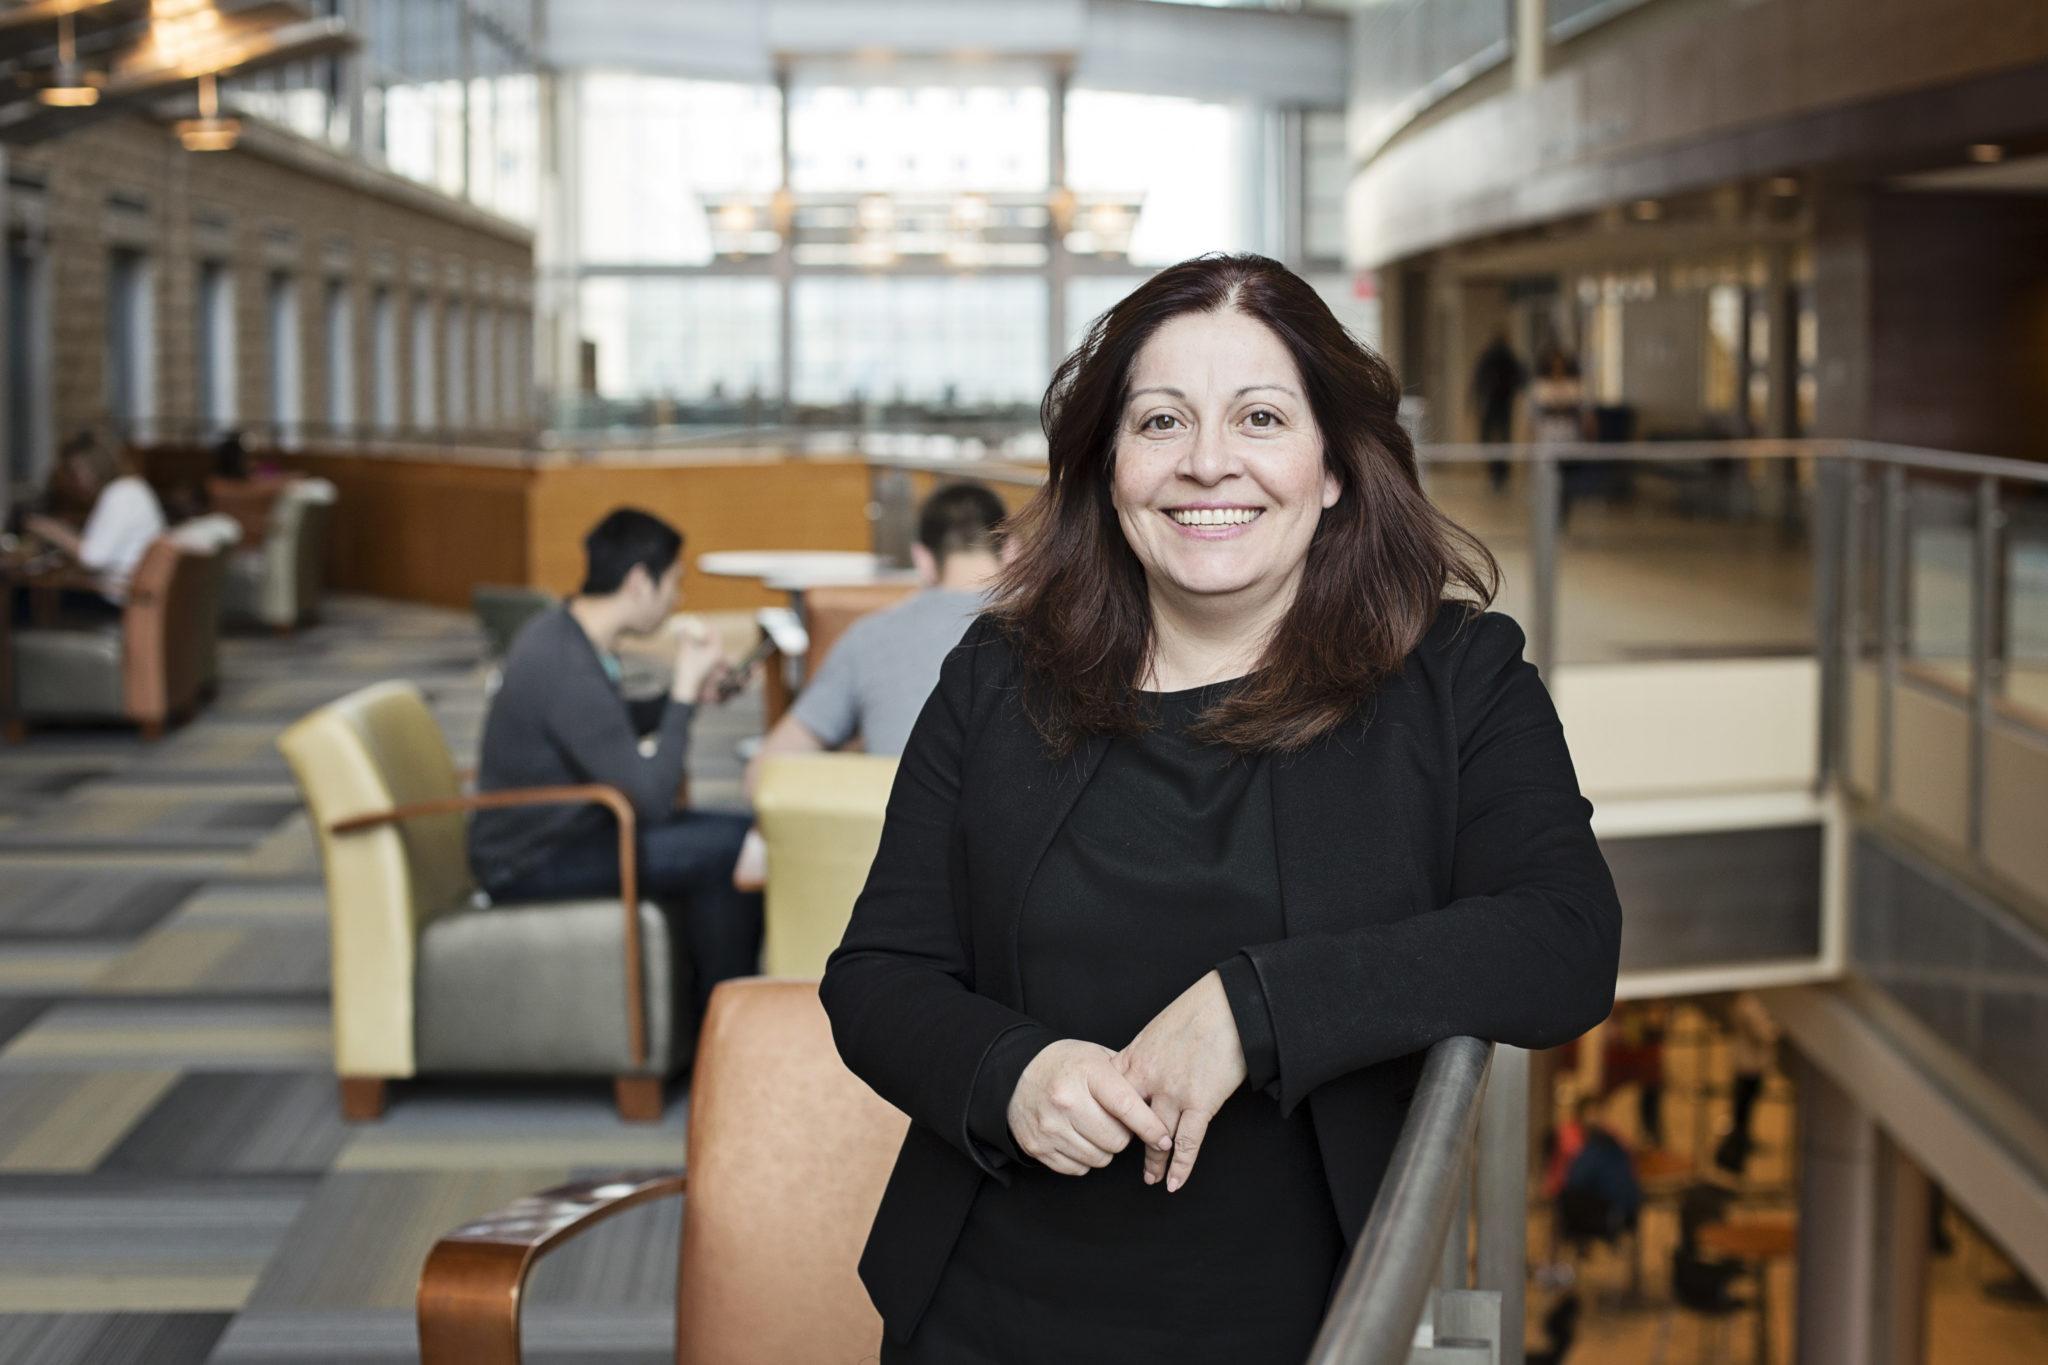 La doctora experta Ximena Ramos nos explicó por qué la obesidad es una enfermedad crónica